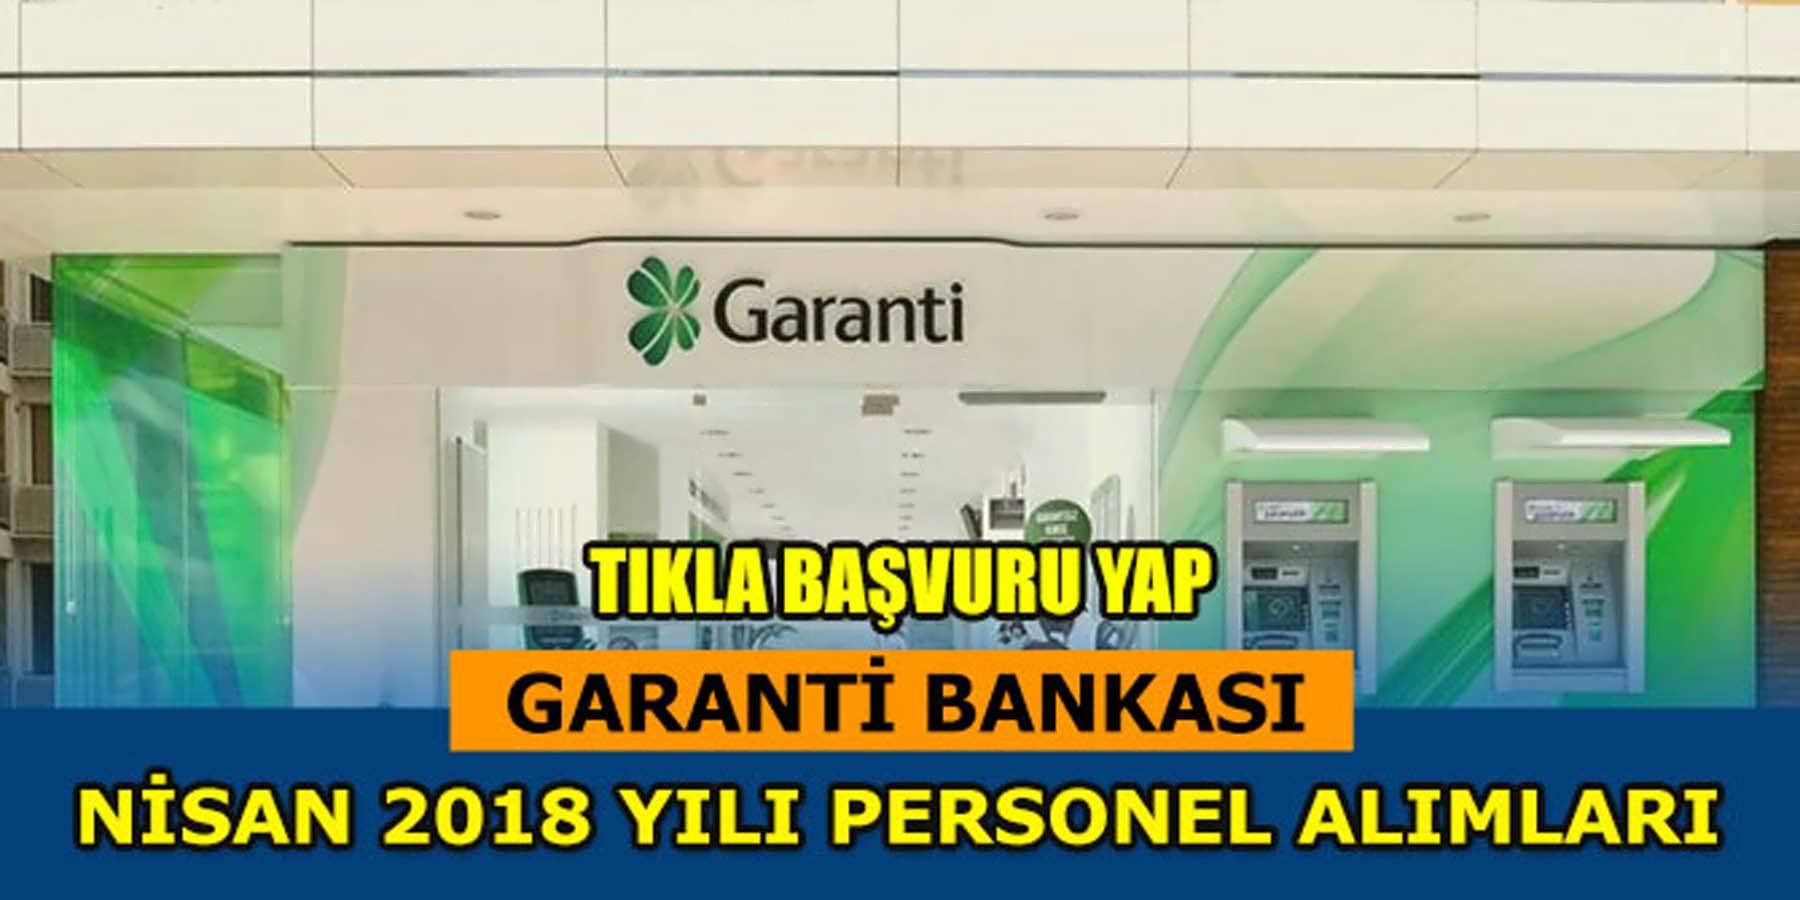 Garanti Bankası Nisan 2018 Yılı Personel Alımı